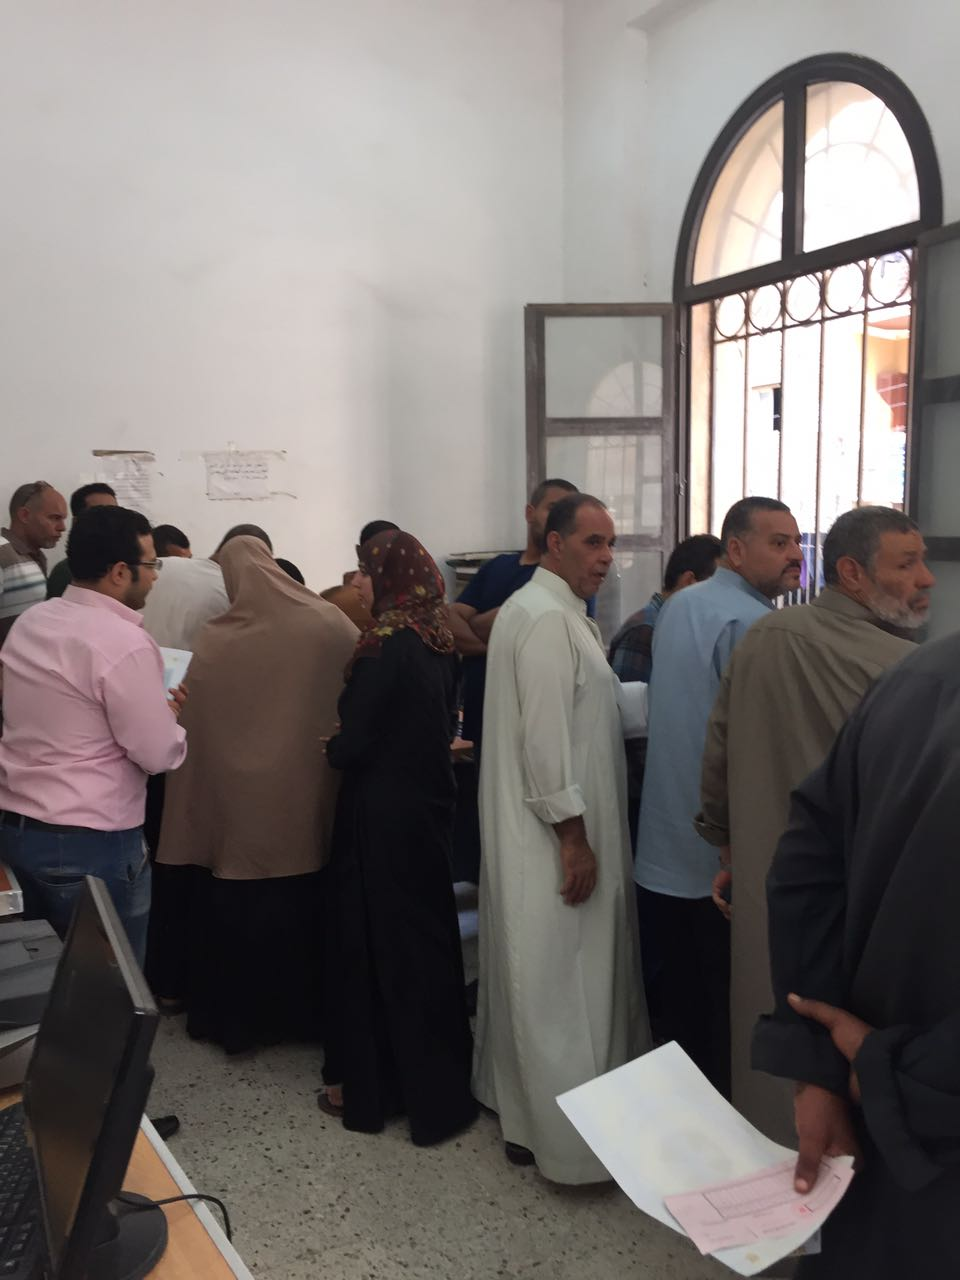 معاناة مواطني ههيا في مكتب للشهر العقاري: موظف واحد ينهى أوراقنا